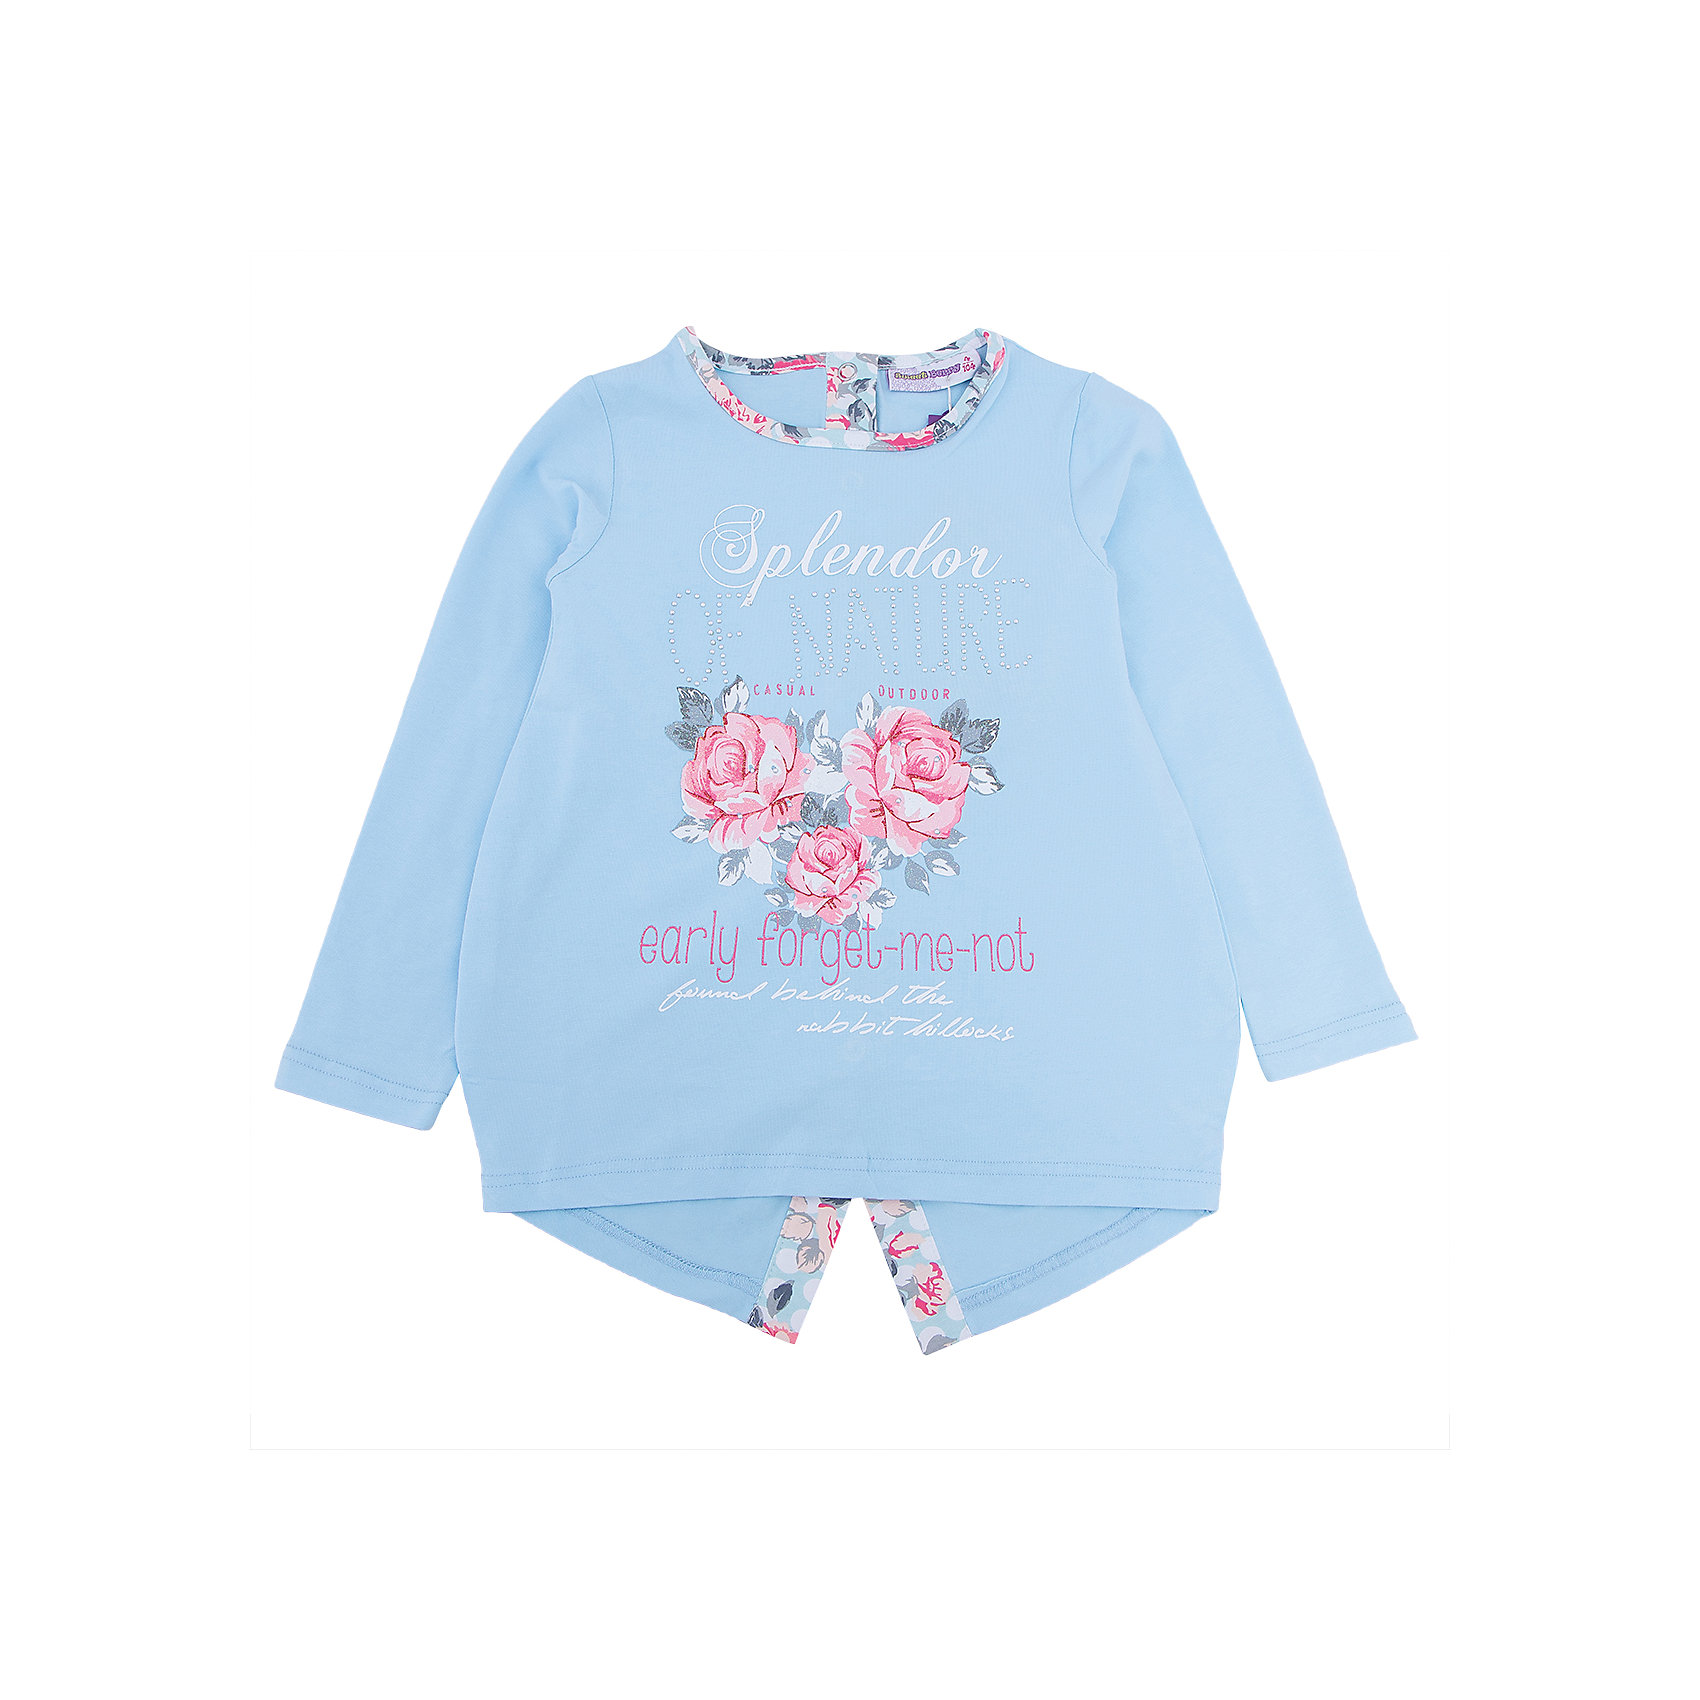 Футболка с длинным рукавом для девочки Sweet BerryКомфорт и стиль – две главные составляющие детской одежды. Футболка с длинным рукавом – модная вещь, которая способна одновременно создать стильный образ и защитить от осенних холодов маленького ребенка. Уникальная особенность модели – планка на спине по низу футболки. С ней кофта выглядит нарядно и совсем не скучно. Универсальный крой поможет создать множество образов. Материалы, использованные при изготовлении одежды, полностью безопасны для детей и отвечают всем требованиям по качеству продукции данной категории.<br><br>Дополнительная информация: <br><br>модный принт;<br>планка на спине;<br>прямой силуэт;<br>цвет: голубой;<br>материал: хлопок 95%, эластан 5%.<br><br>Футболку с длинным рукавом для девочки от компании Sweet Berry можно приобрести в нашем магазине<br><br>Ширина мм: 230<br>Глубина мм: 40<br>Высота мм: 220<br>Вес г: 250<br>Цвет: голубой<br>Возраст от месяцев: 60<br>Возраст до месяцев: 72<br>Пол: Женский<br>Возраст: Детский<br>Размер: 116,104,98,128,122,110<br>SKU: 4931897